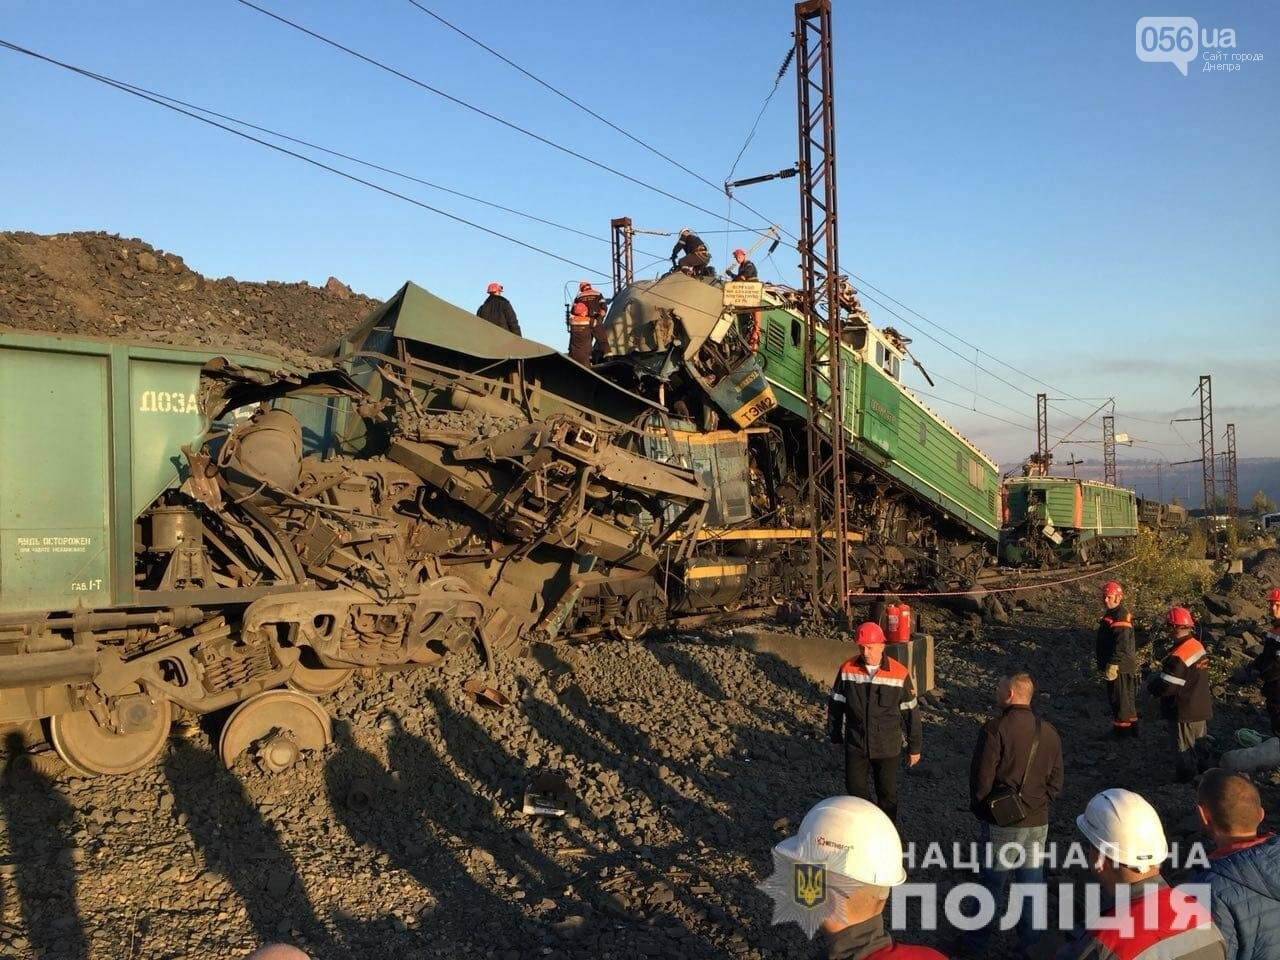 Железнодорожная авария в Кривом Роге: полиция открыла уголовное дело, - ФОТО, фото-2